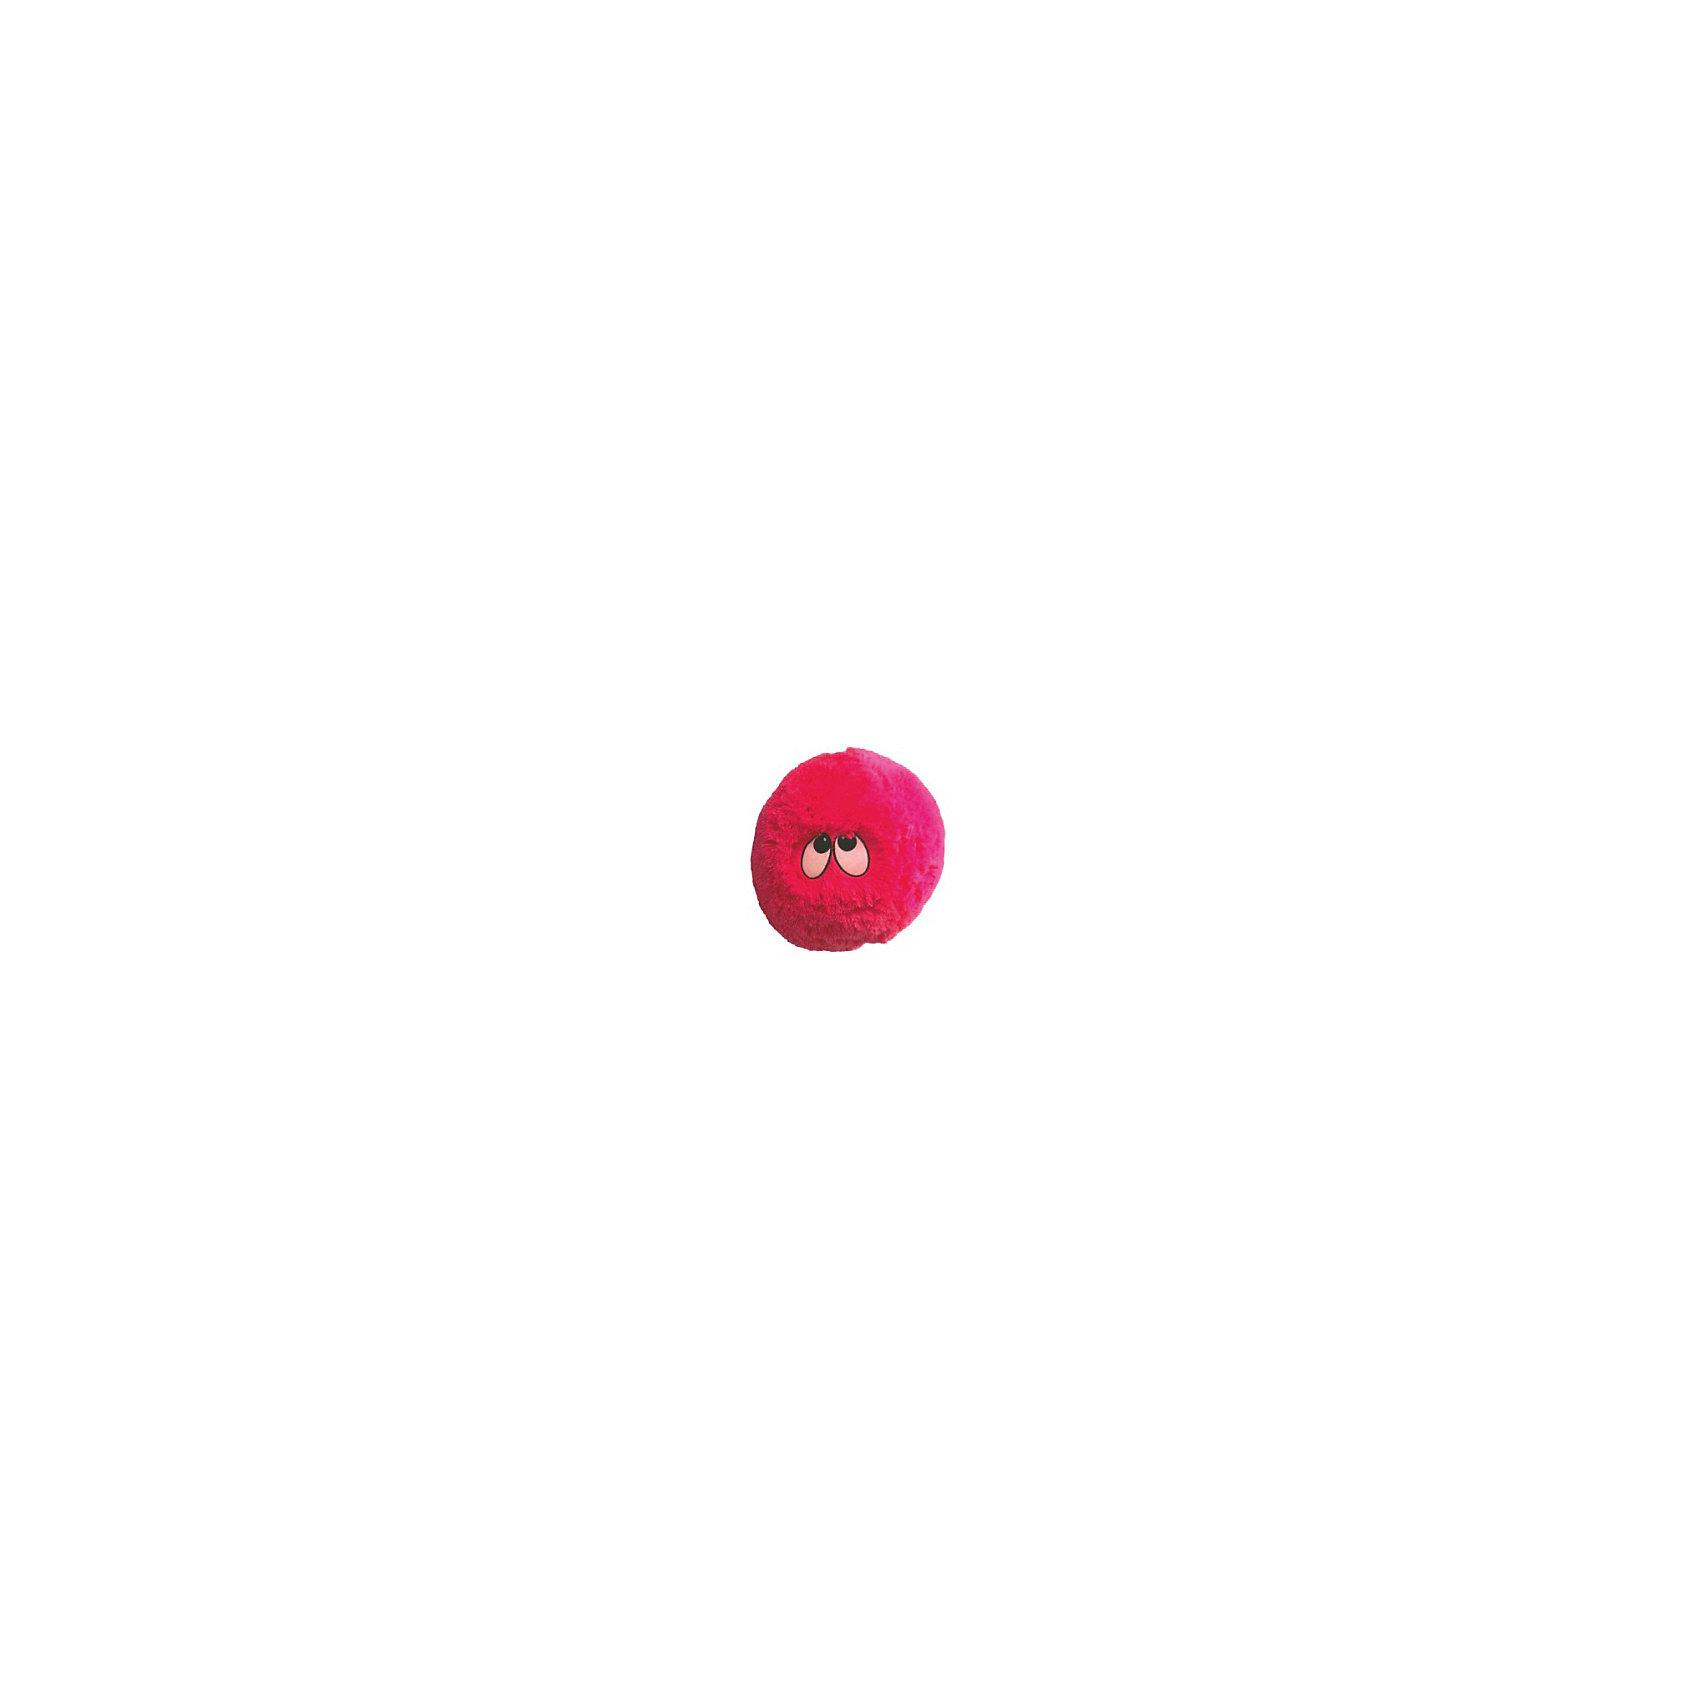 Игрушка Мягкий Камень, Small Toys, розовыйДомашний текстиль<br>Характеристики:<br><br>• Материал верх: плюш, 100% <br>• Материал наполнитель: полиэстер, 100%<br>• Вес: 740 г<br>• Размеры (Д*Ш*В): 35*35*35 см<br>• Особенности ухода: сухая чистка<br><br>Игрушка Мягкий Камень, Small Toys, розовый выполнена из плюша с ворсом средней длины. Представляет собой форму шара-камня с большими выразительными глазками. У игрушки отсутствуют пластиковые элементы, за счет чего она безопасна даже для самых маленьких детей.<br><br>Игрушку Мягкий Камень, Small Toys, розовый можно купить в нашем интернет-магазине.<br><br>Ширина мм: 35<br>Глубина мм: 35<br>Высота мм: 35<br>Вес г: 740<br>Возраст от месяцев: 36<br>Возраст до месяцев: 1188<br>Пол: Женский<br>Возраст: Детский<br>SKU: 6727938